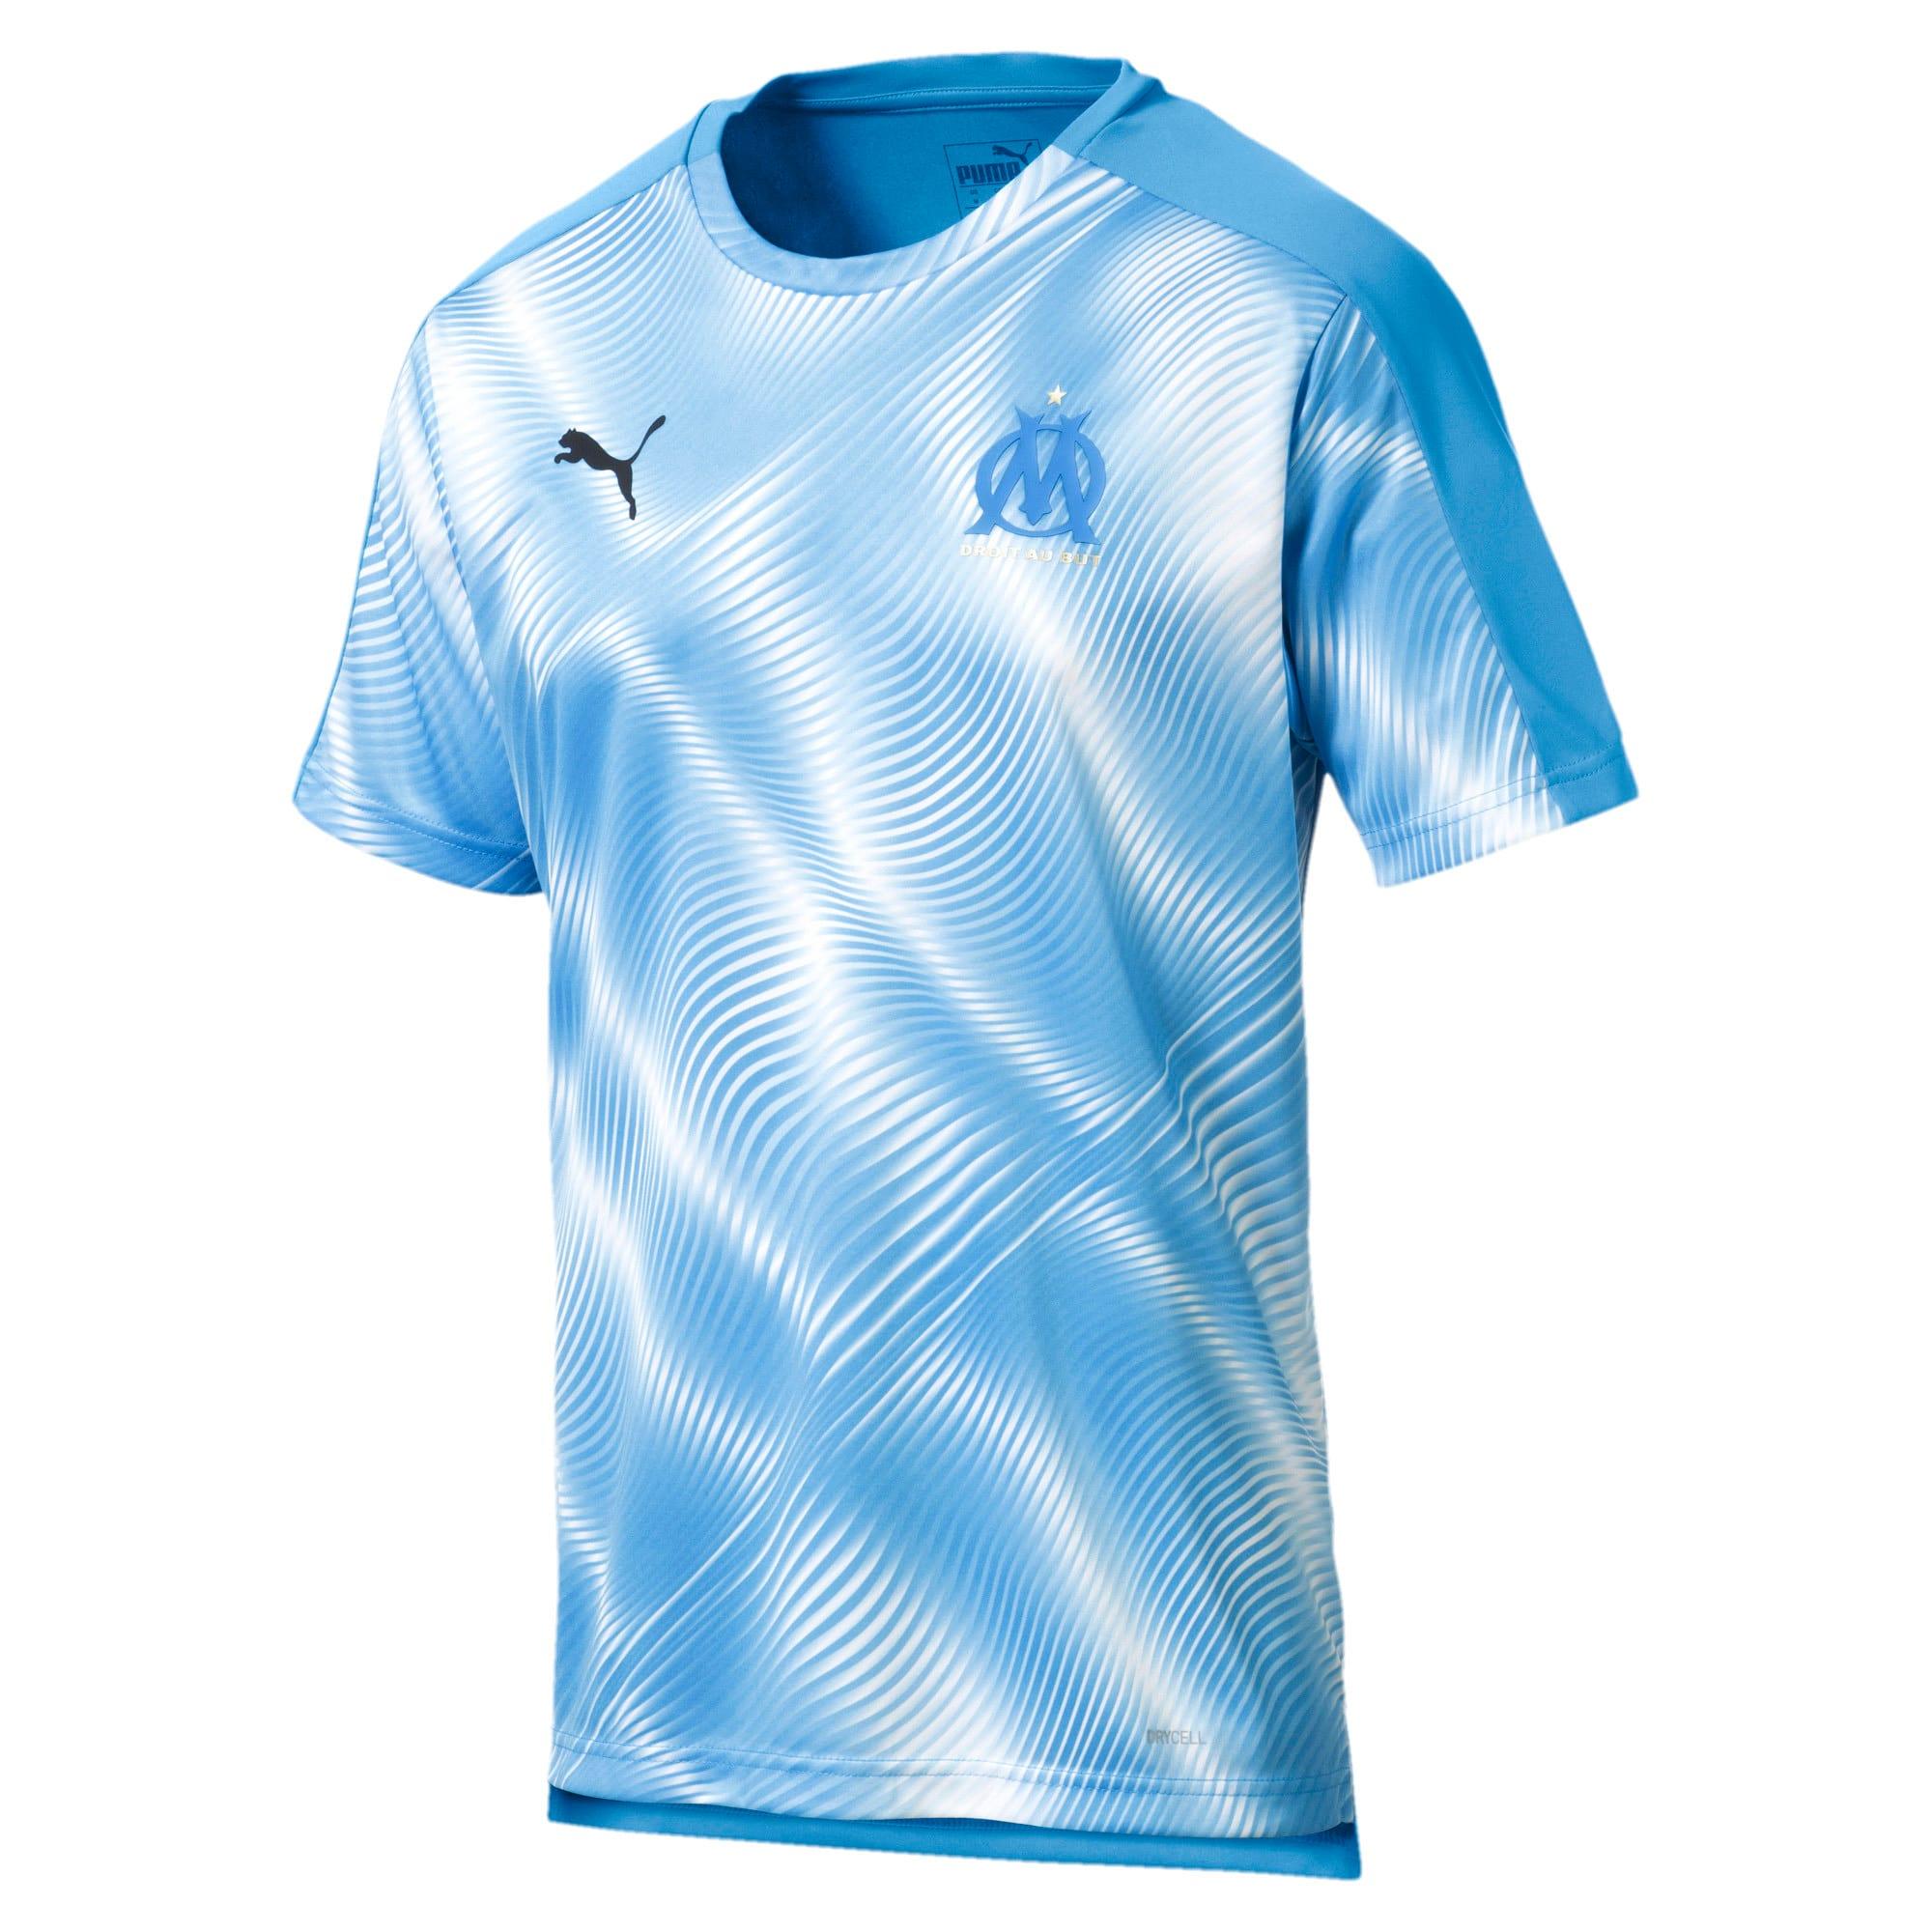 Miniatura 1 de Camiseta Olympique de Marseille Domestic League Stadiumpara hombre, Bleu Azur-Puma White, mediano